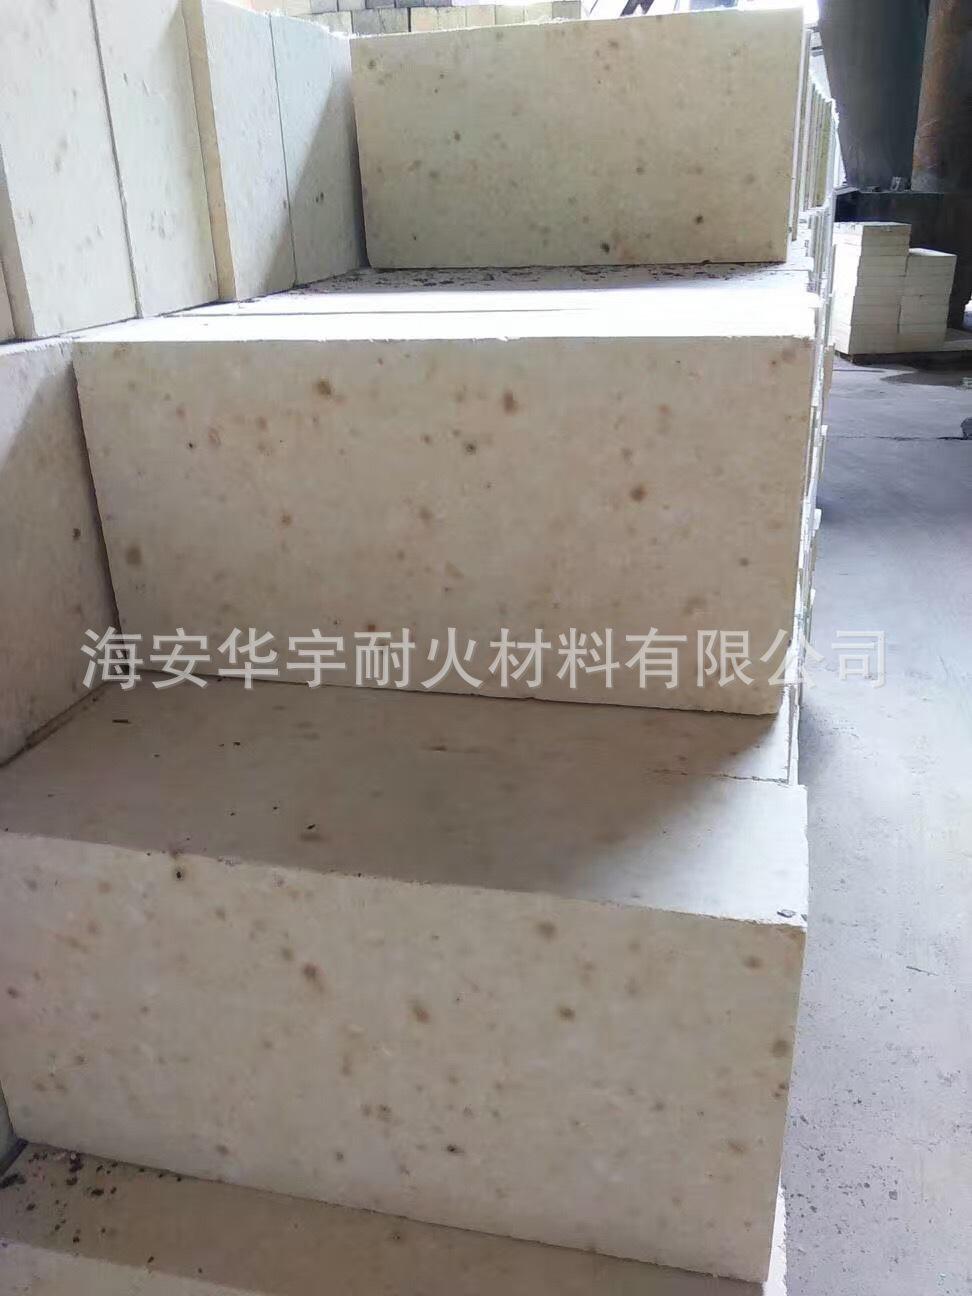 厂家直销 一级高铝砖 标准砖 刀口砖 斧头砖 平半砖条半砖 多枚砖